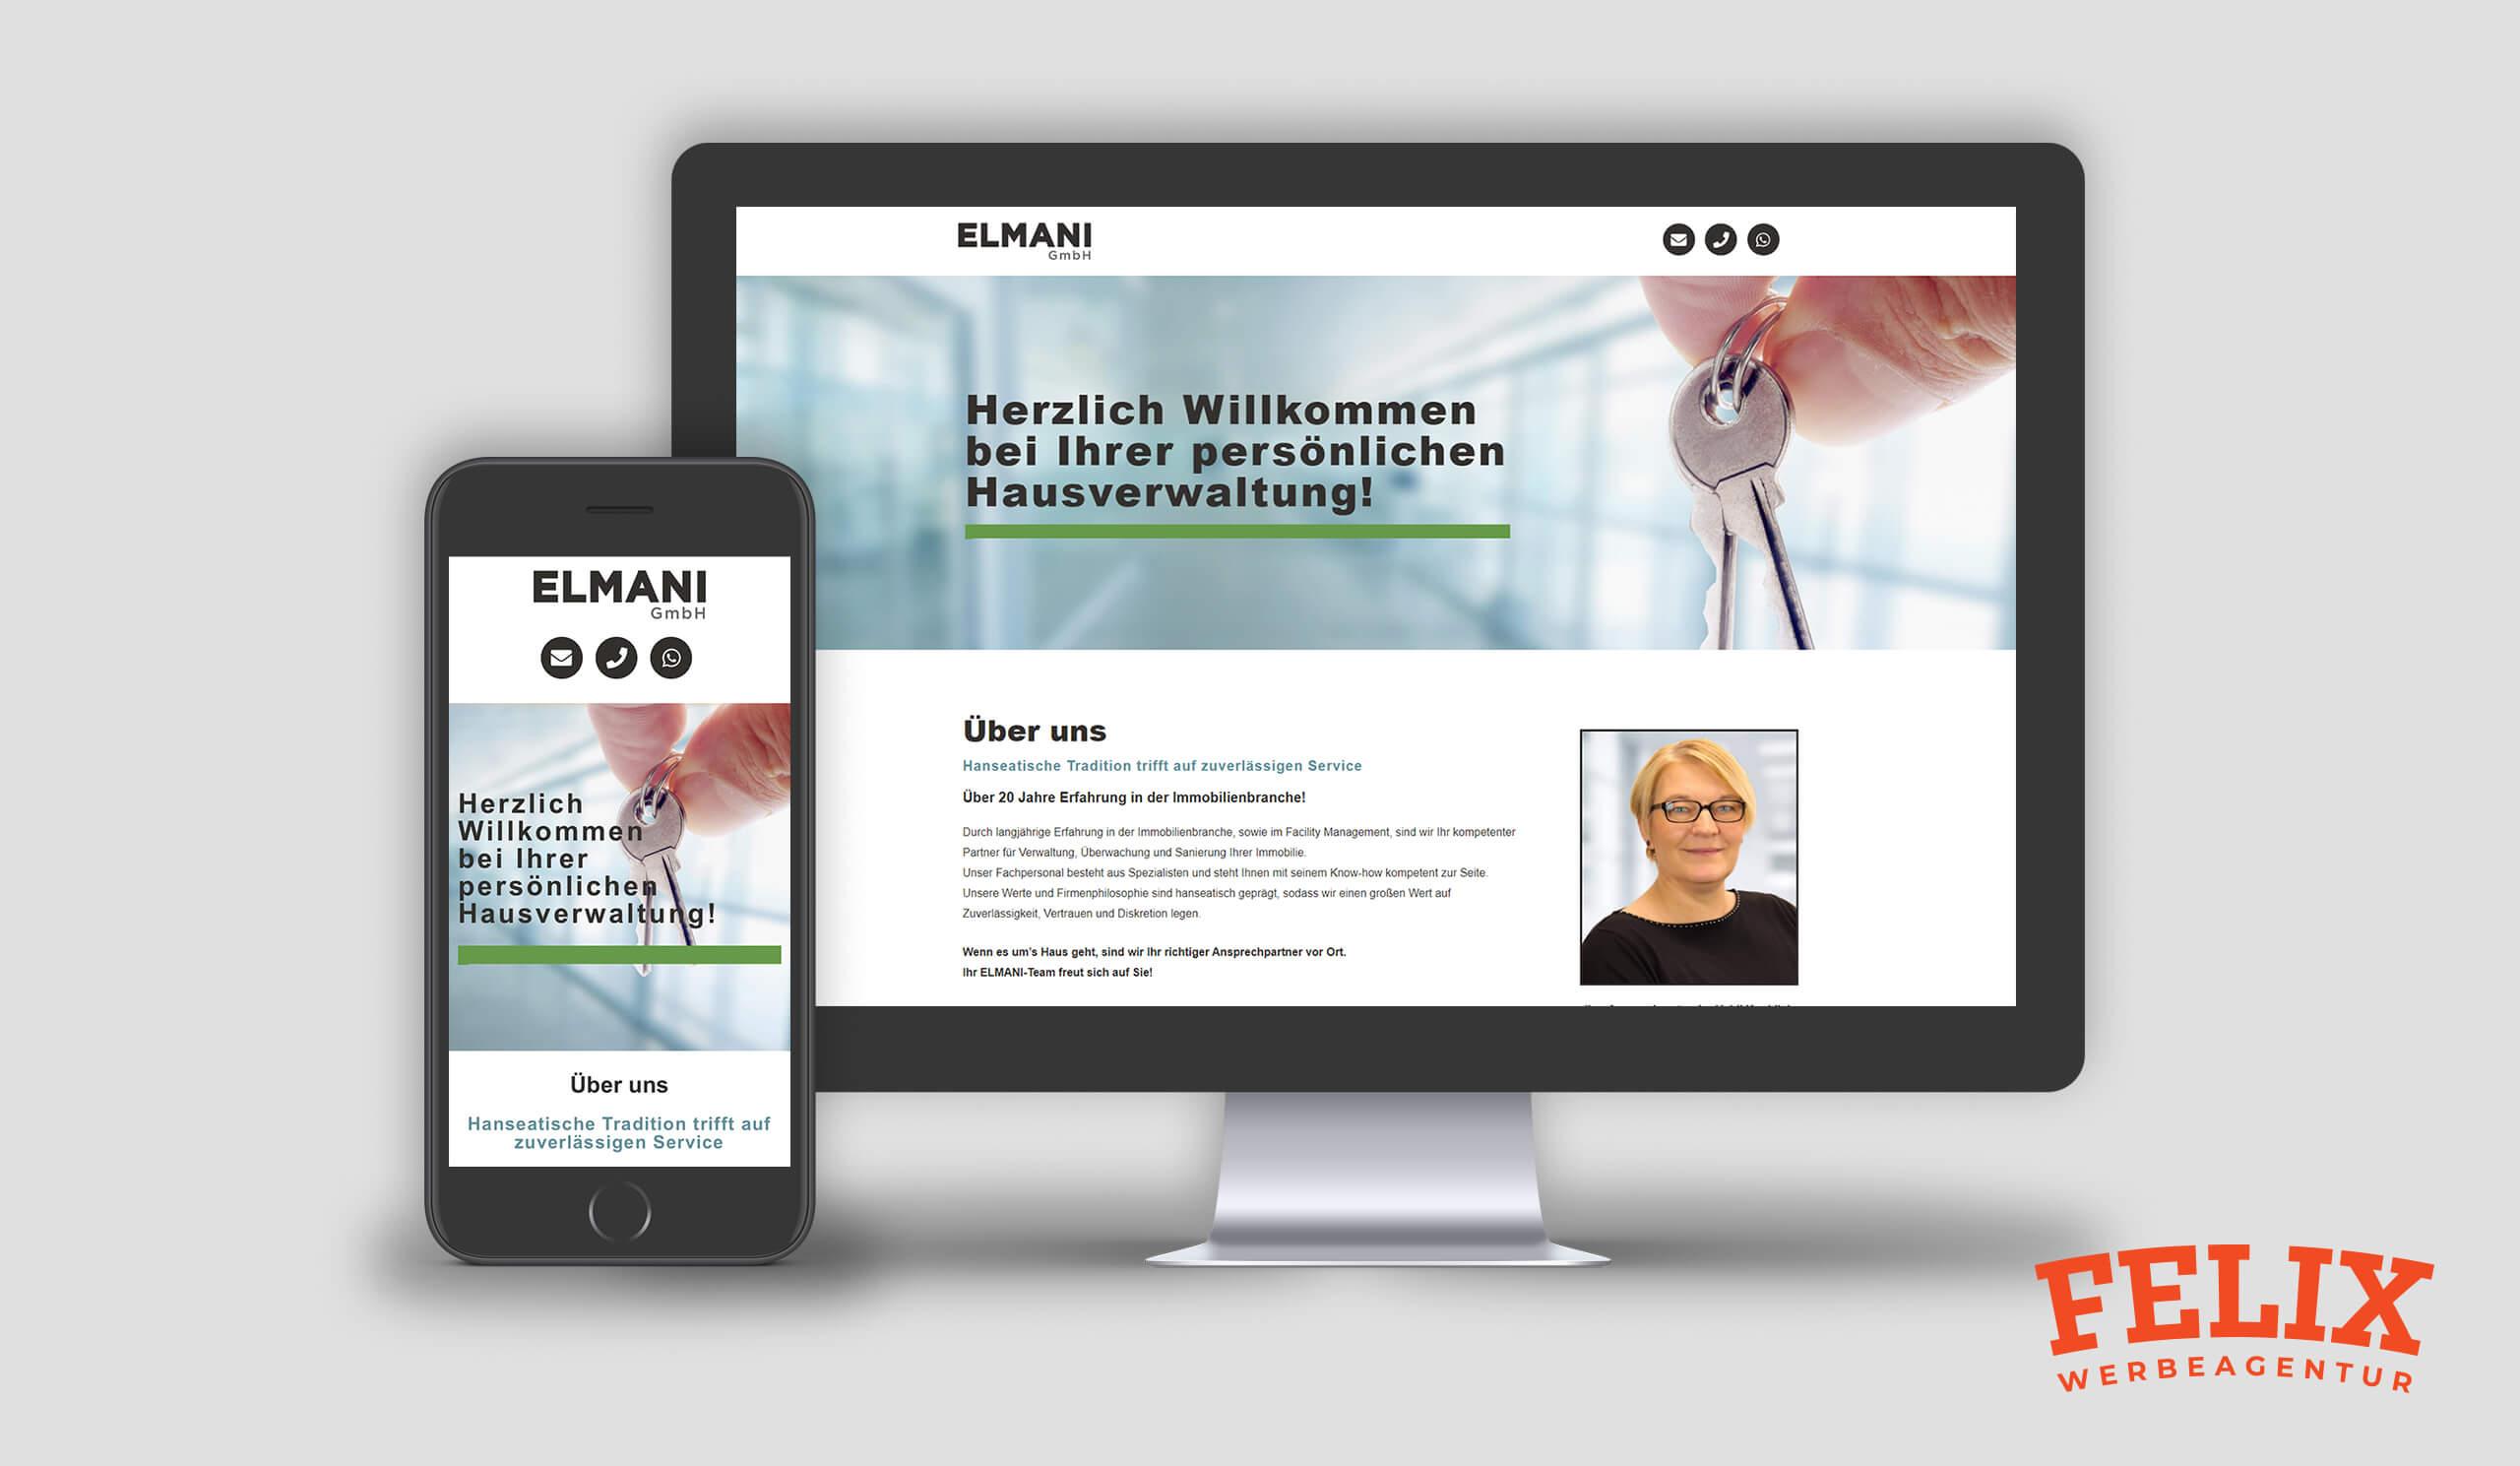 Mockup_ELMANI GmbH_Webseite